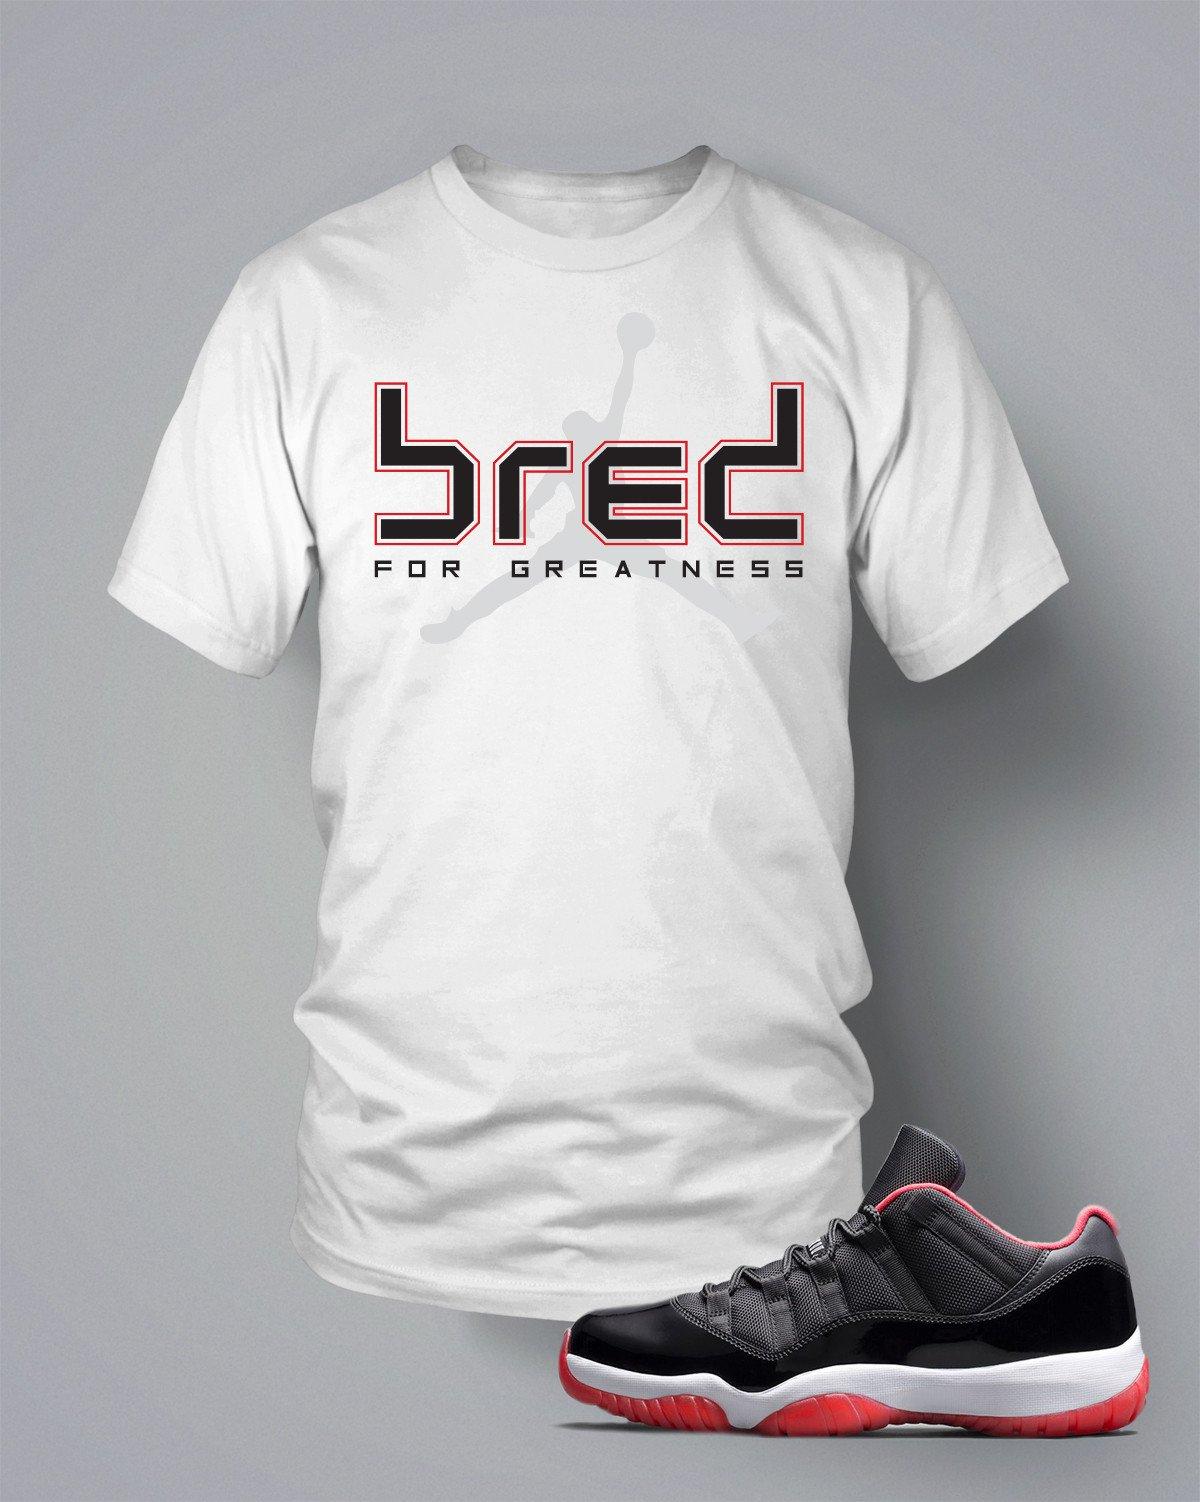 82b5bcac560 T Shirt To Match Retro Air Jordan 11 Bred Shoe Custom Mens Tee Design  Sizing S M L XL XL-Tall 2XL 2XL-Tall 3XL 3XL-Tall LENGTH 28